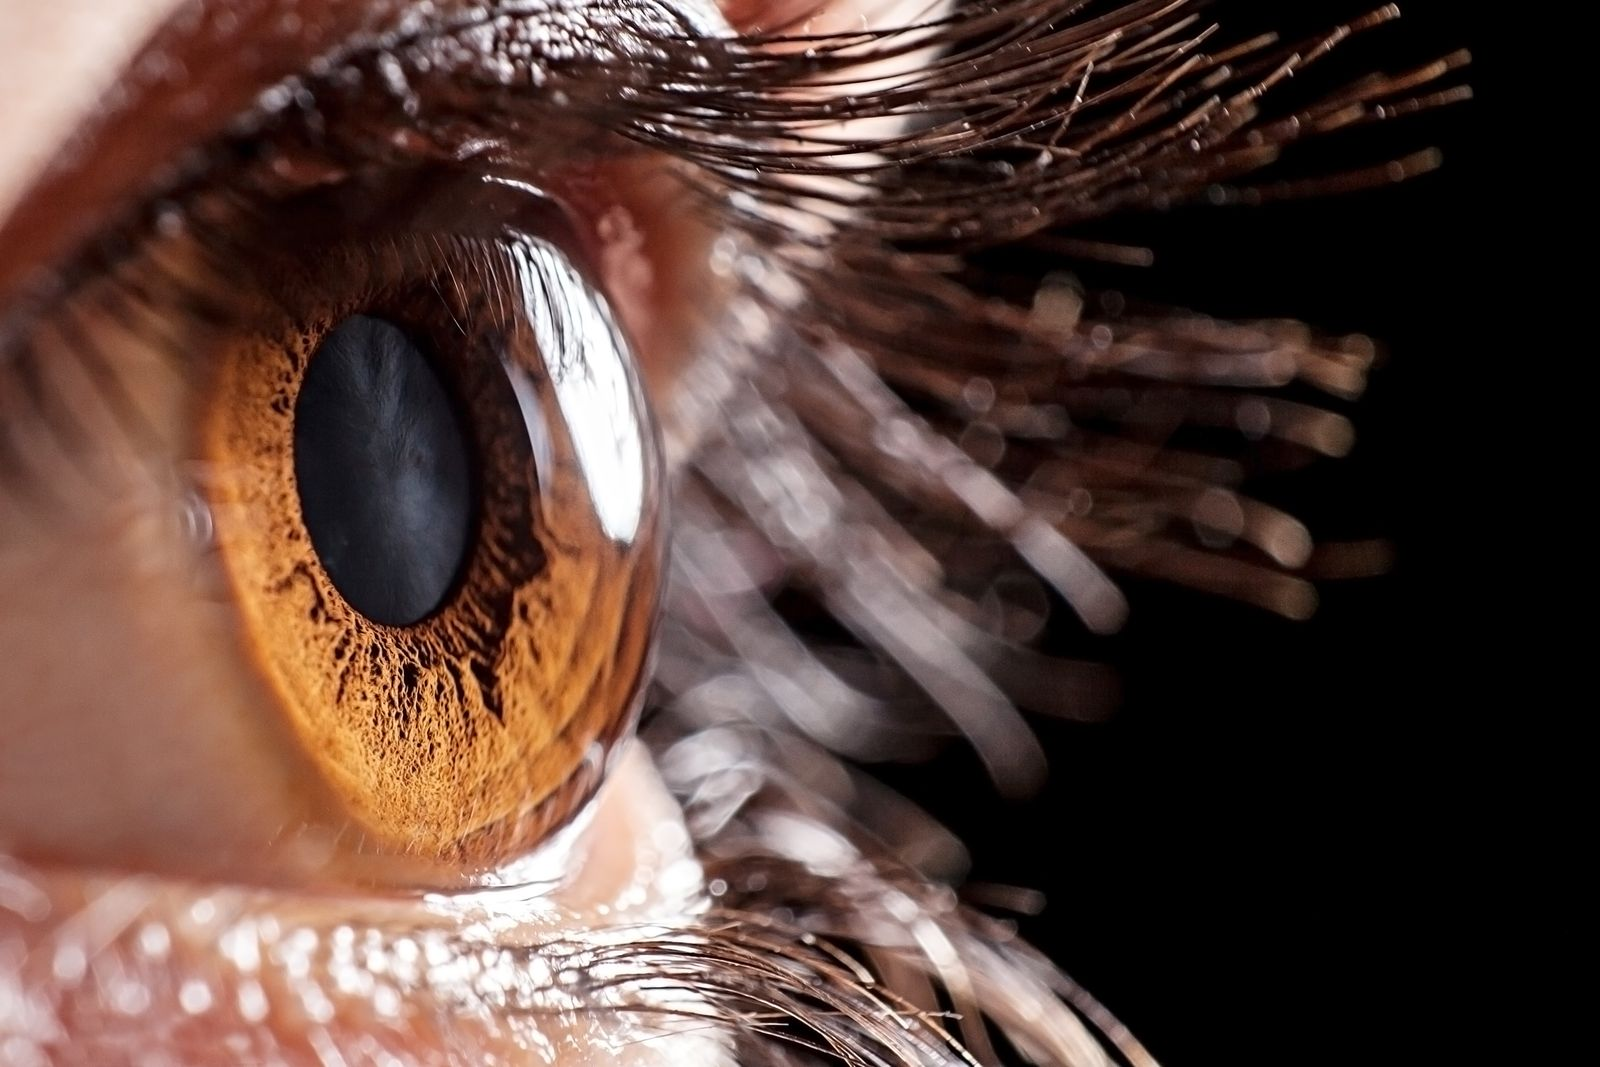 Jakou barvu mají vaše oči?